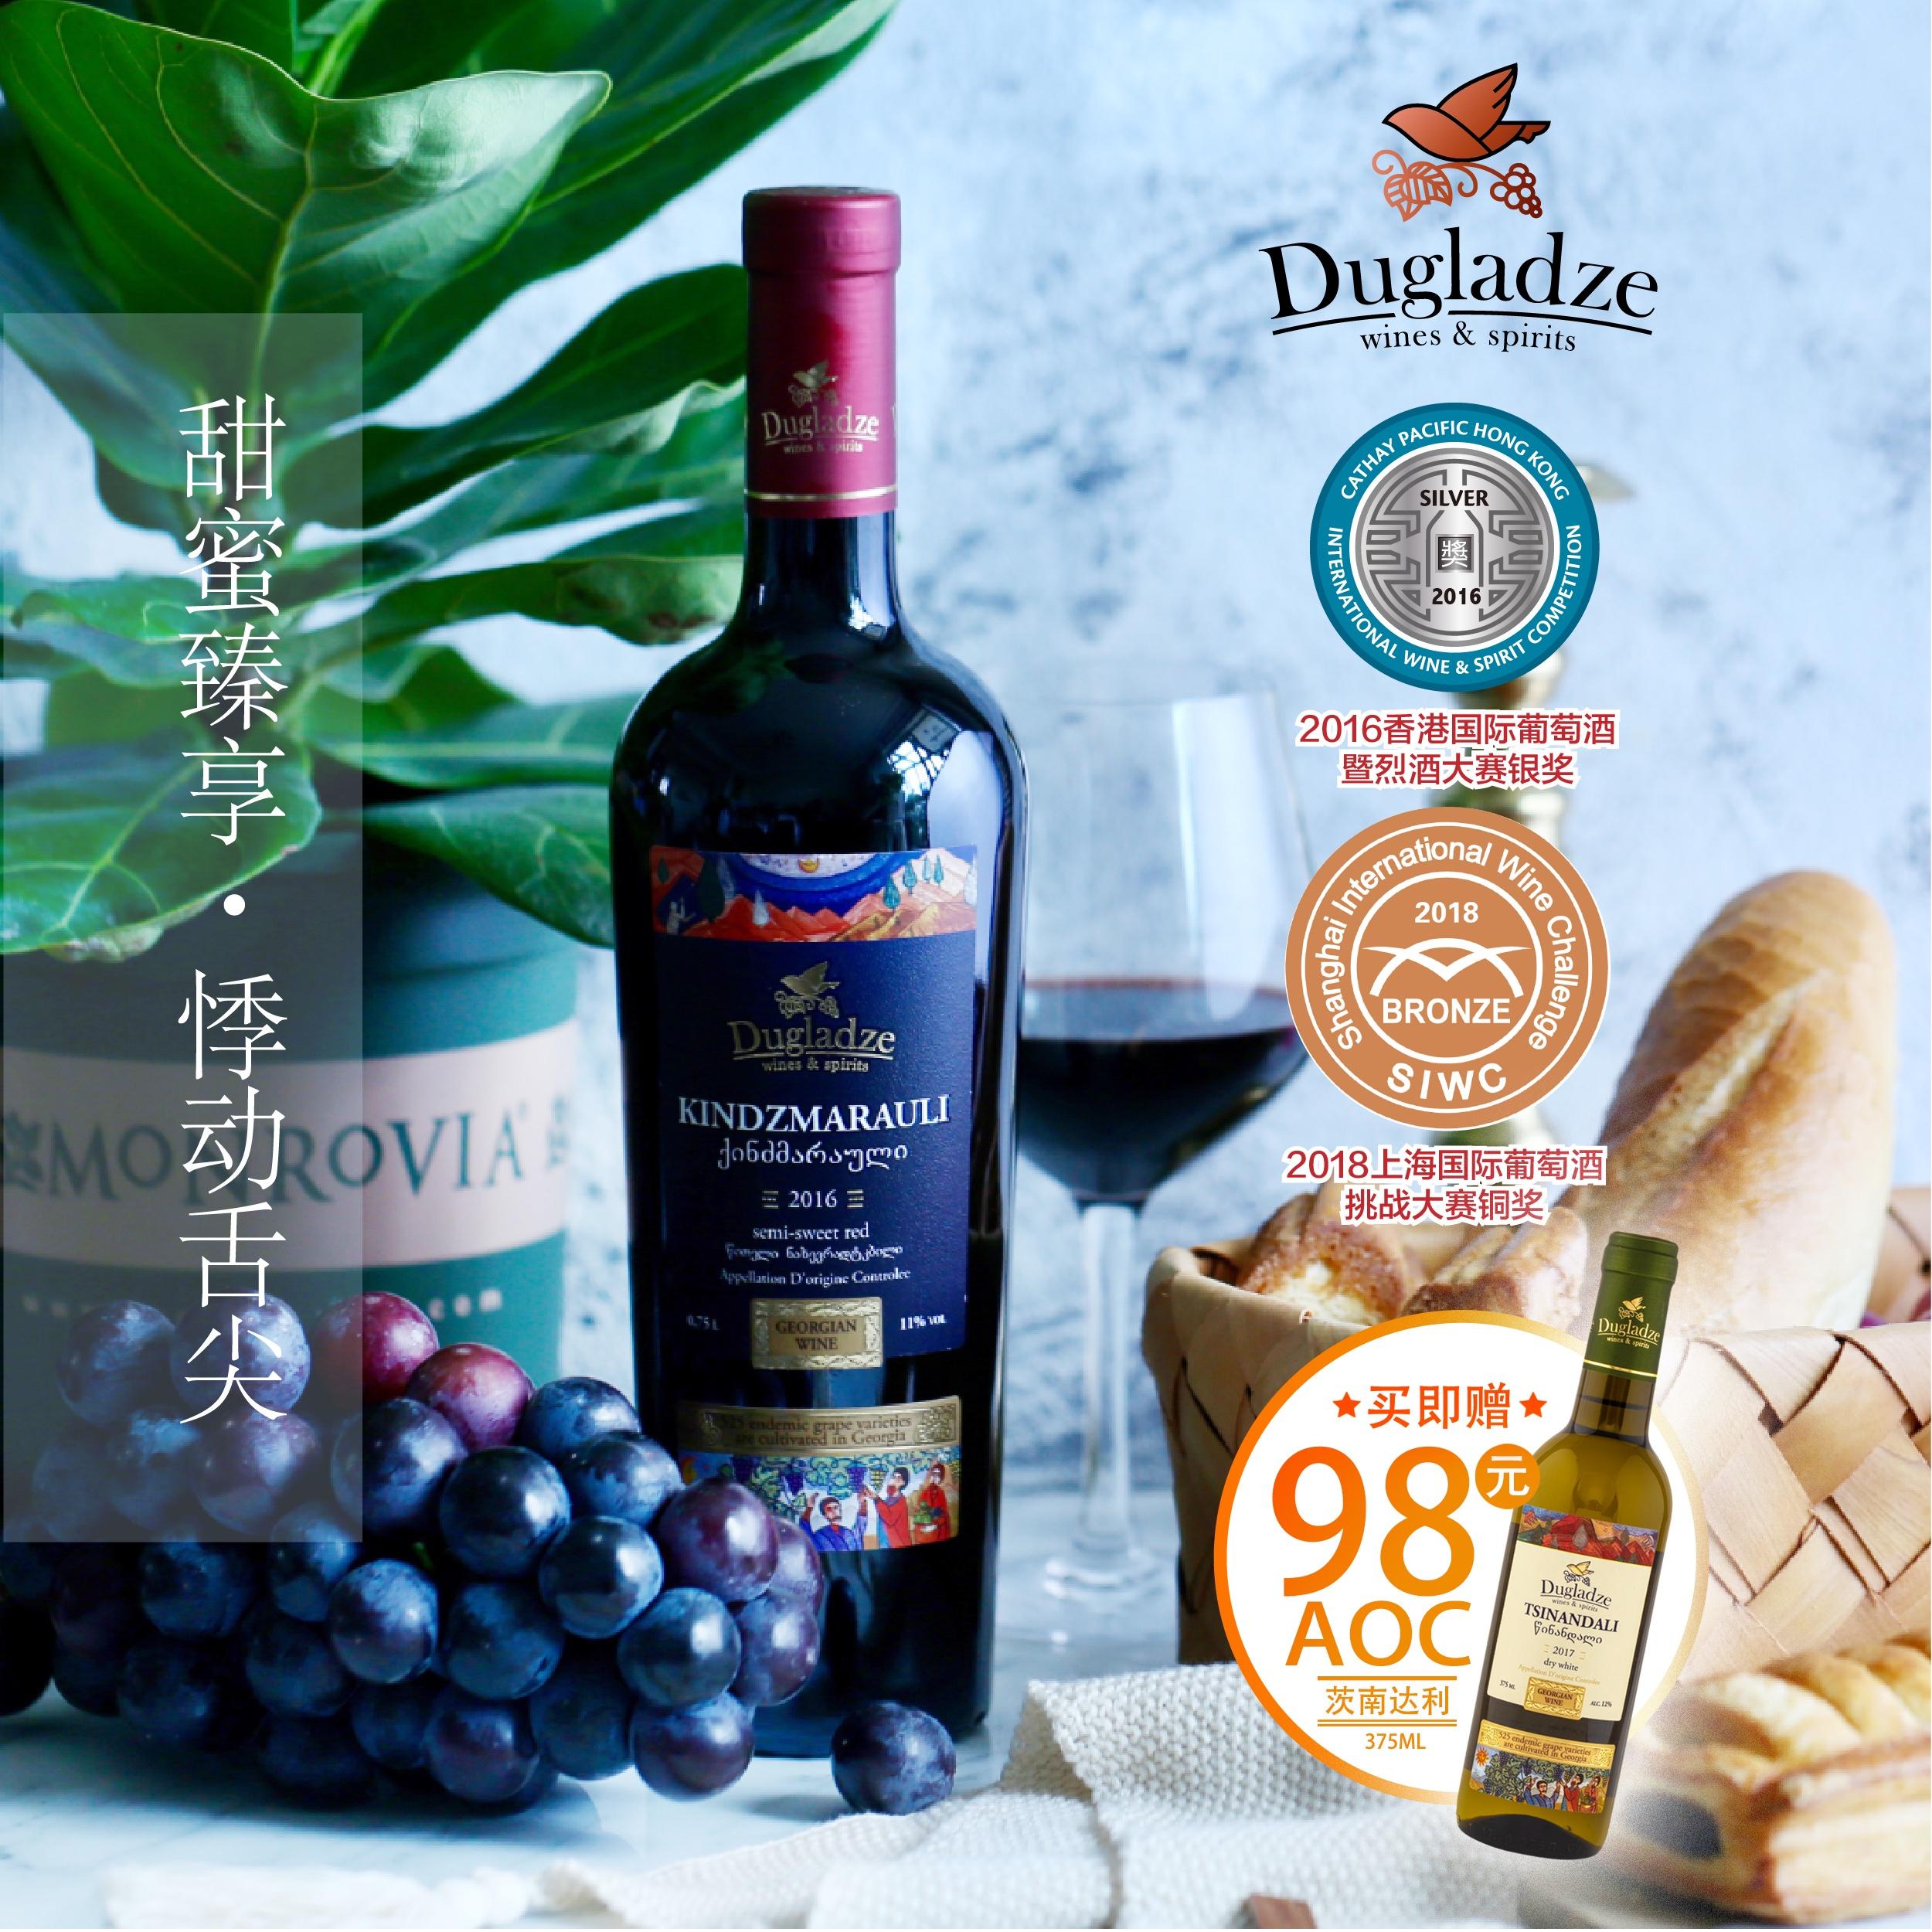 格鲁吉亚原瓶进口获奖红酒金泽马拉乌里半甜红葡萄酒六支装